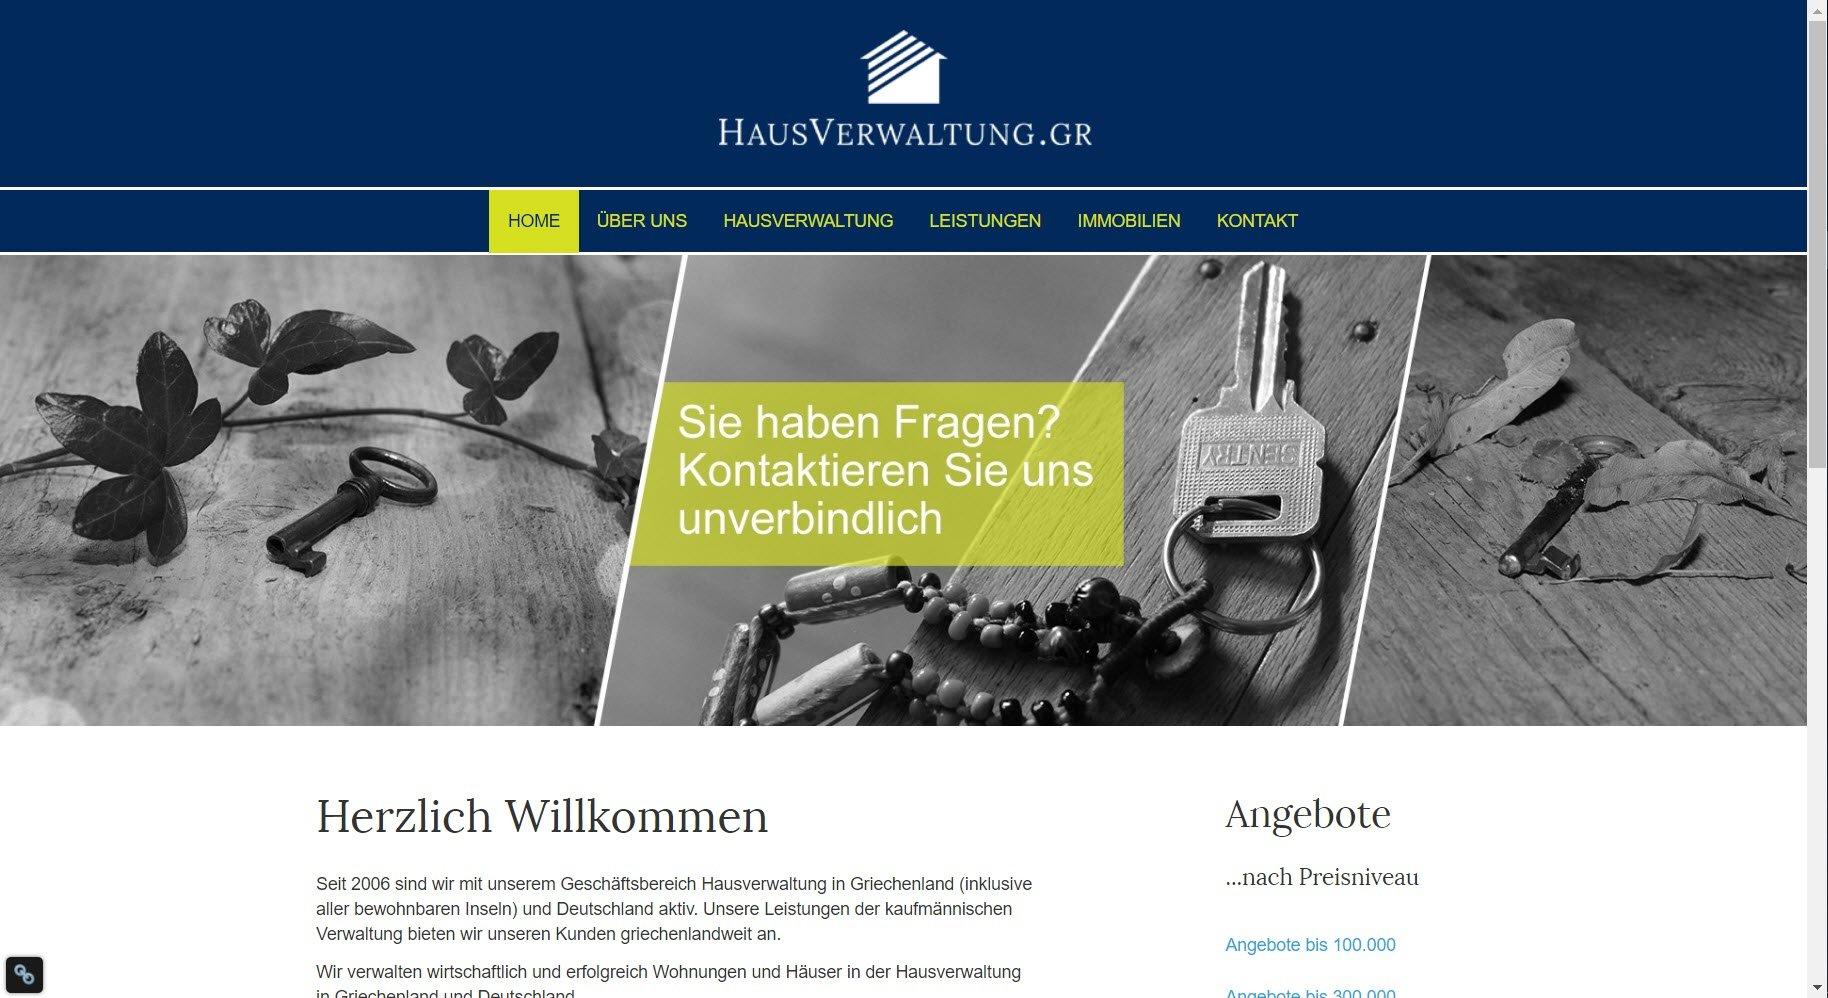 hausverwaltung-gr-wohnungen-häuser-internetblogger-de